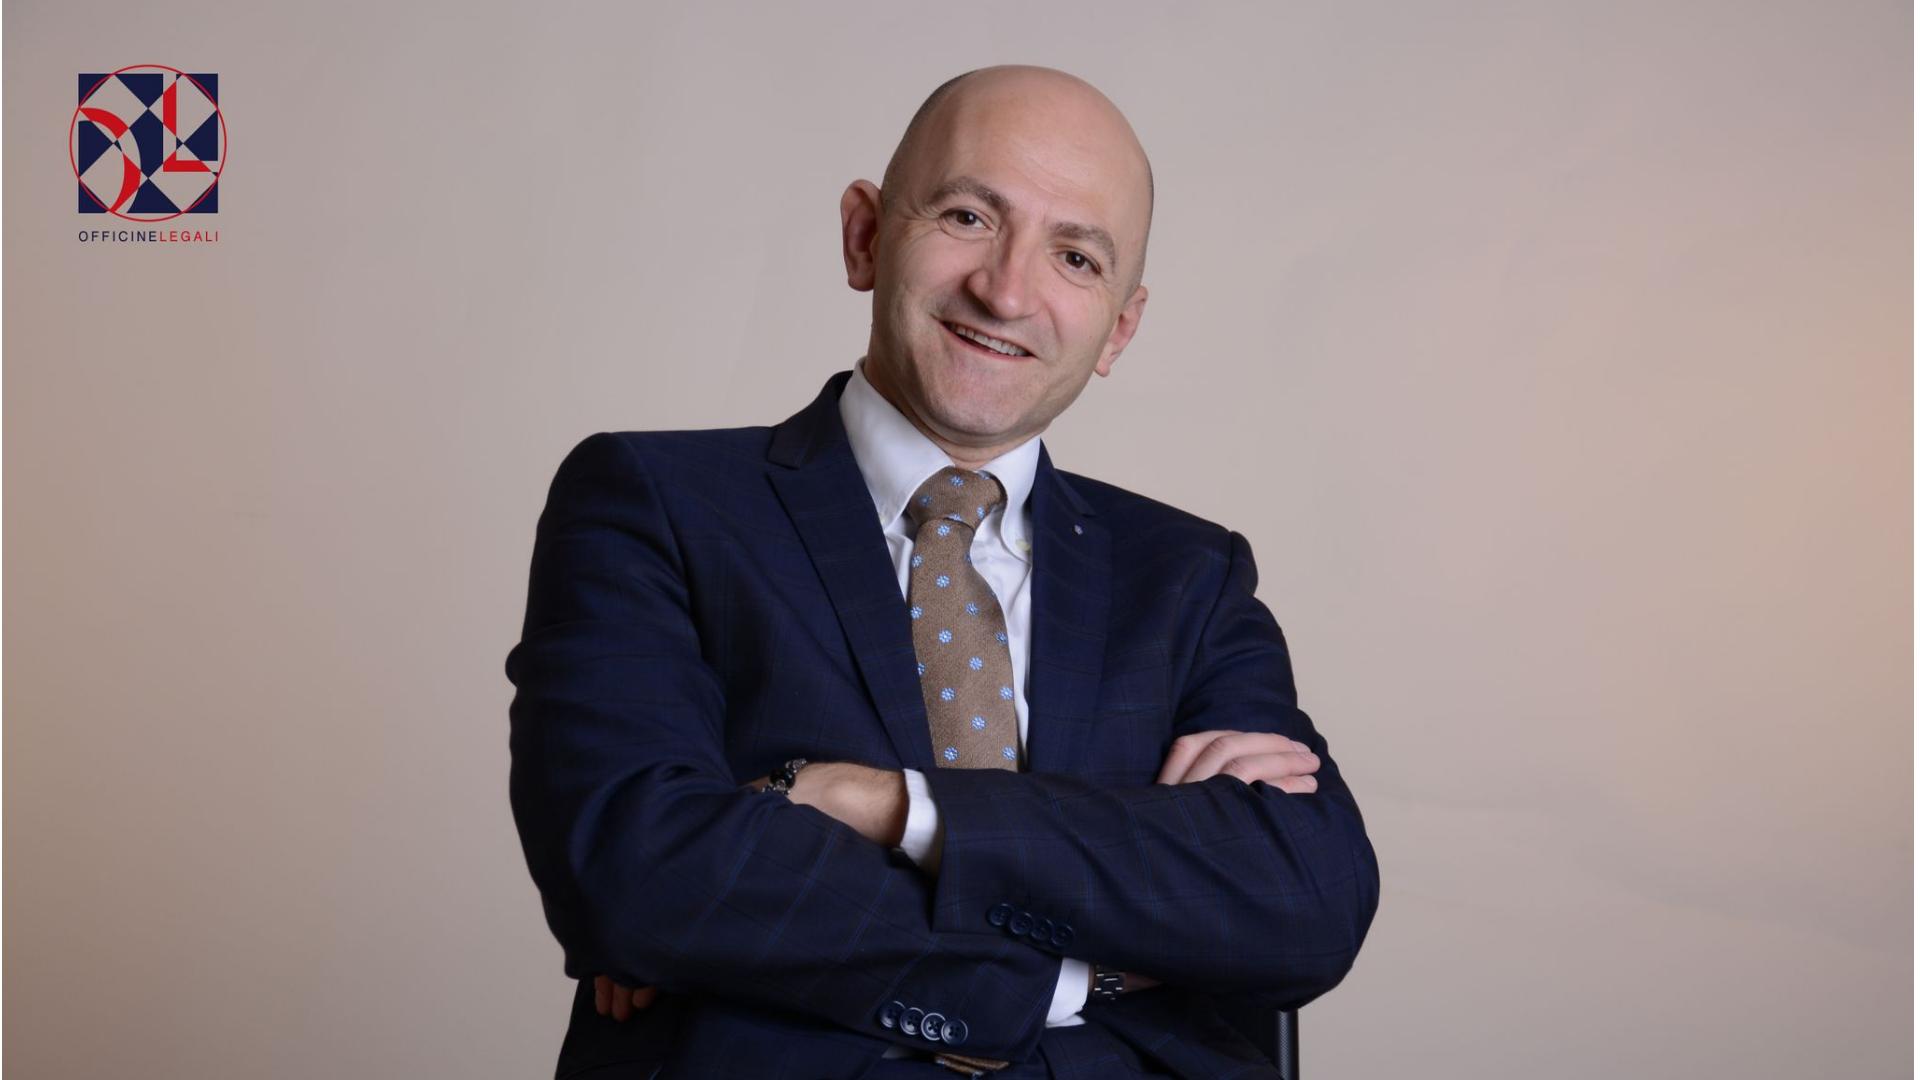 Incontra l'Avv. Massimo Ramello